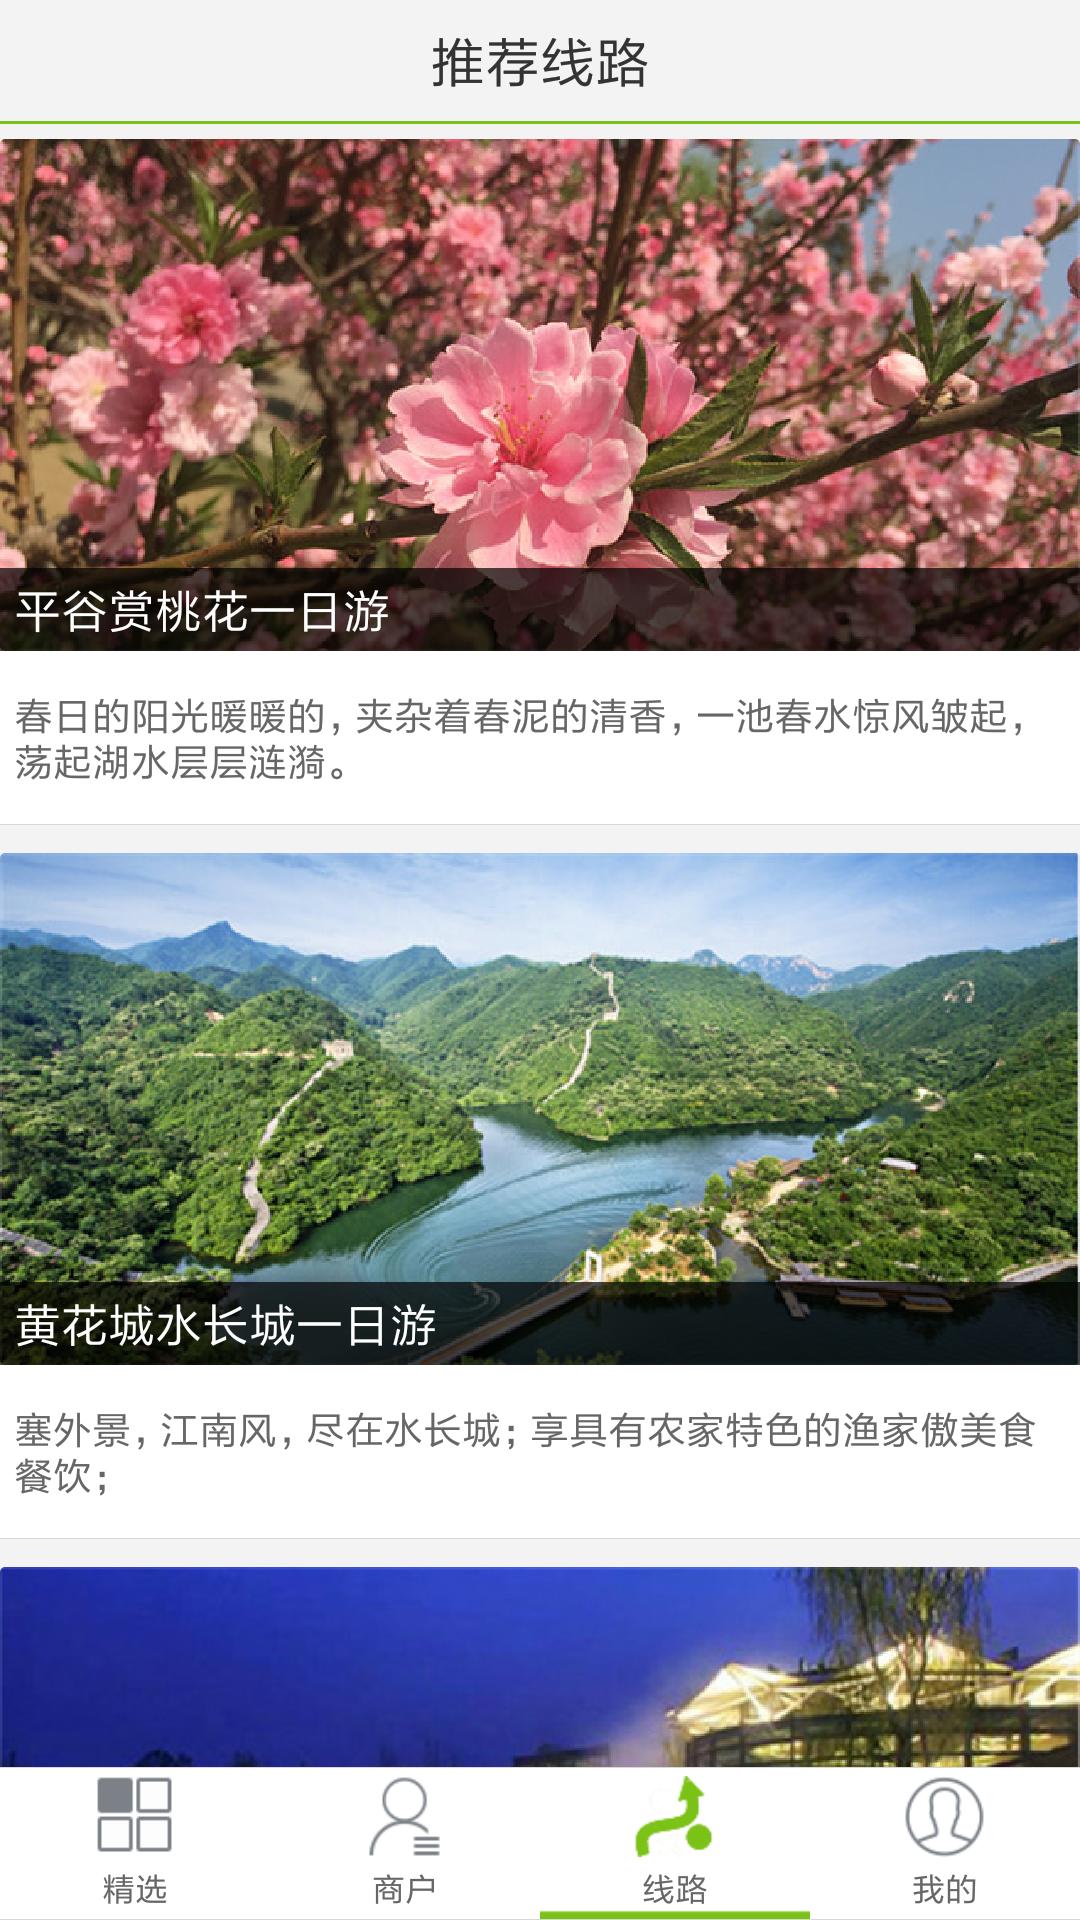 鳳凰鄉村游截圖(2)